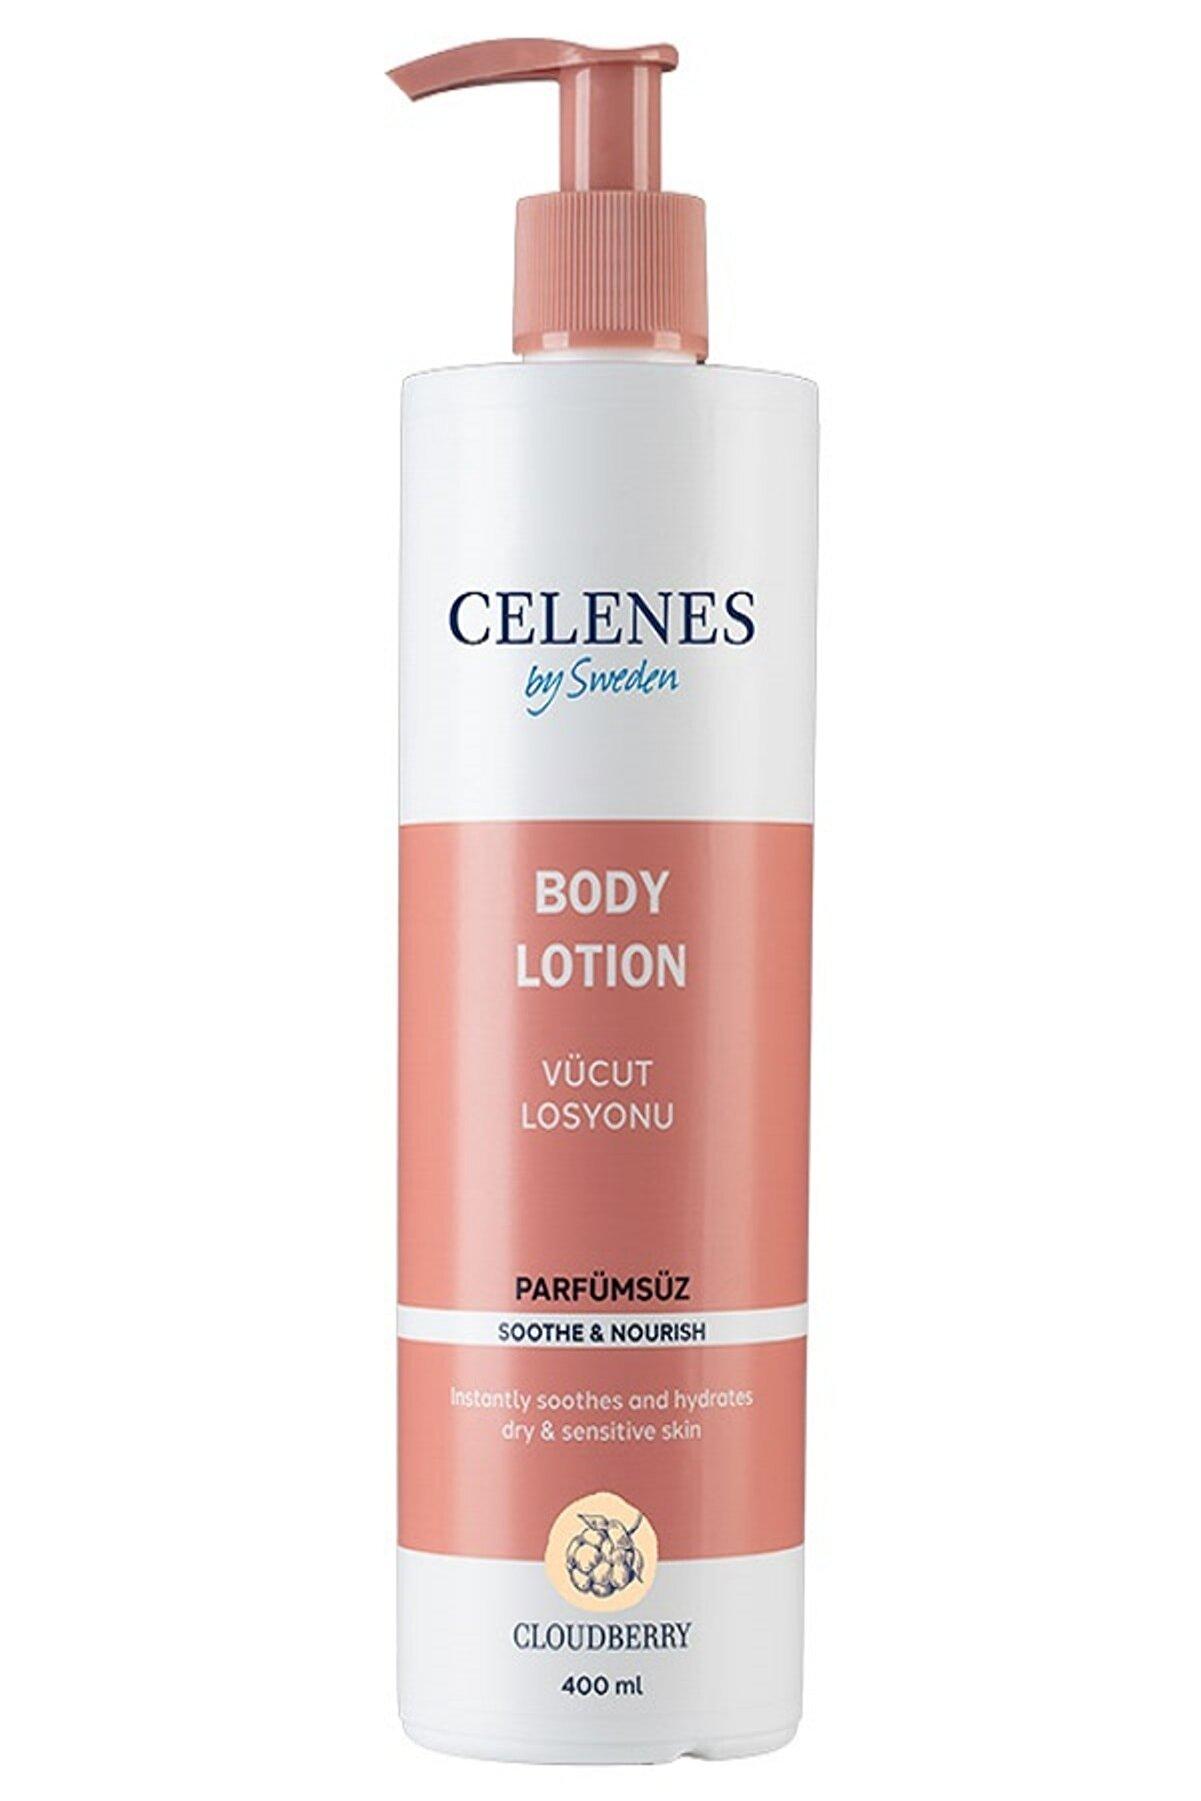 Celenes by Sweden Celenes Cloudberry Vucut Losyonu 400ml Parfumsuz 7350104248246